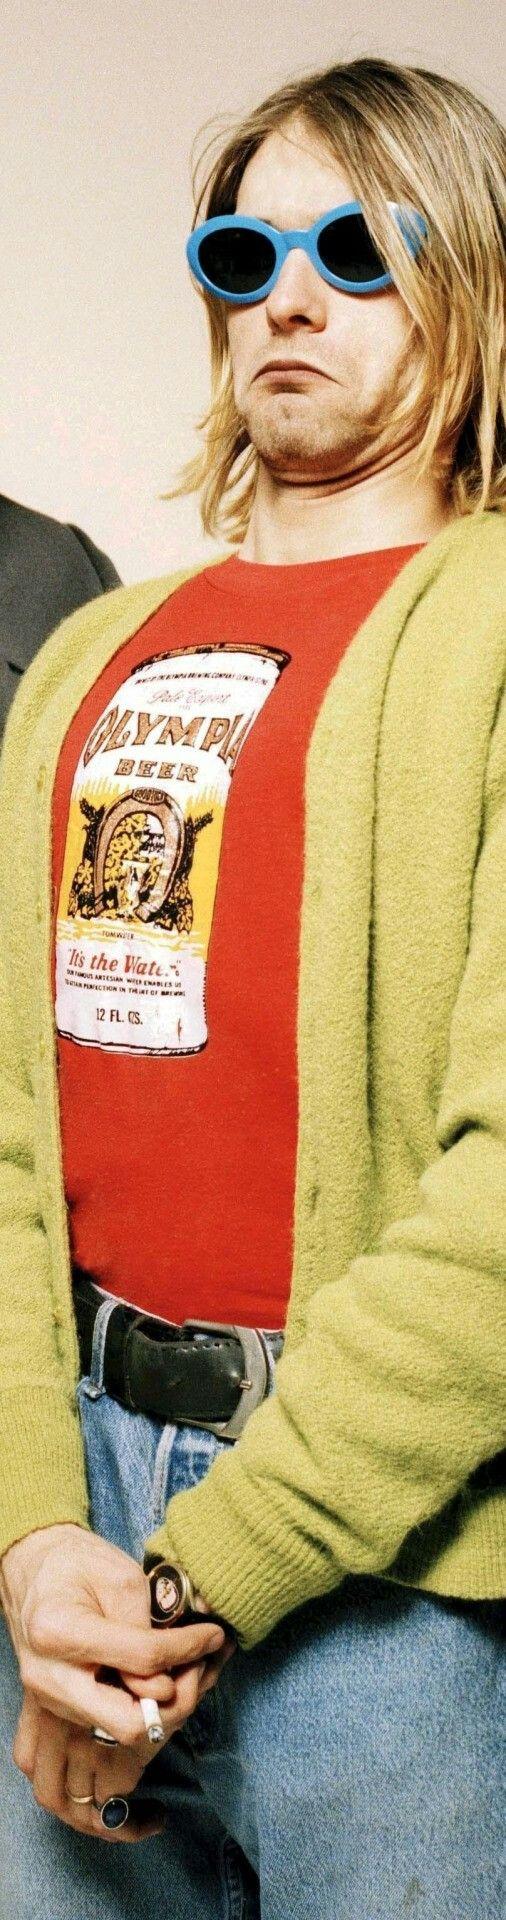 World, this is Kurt Cobain